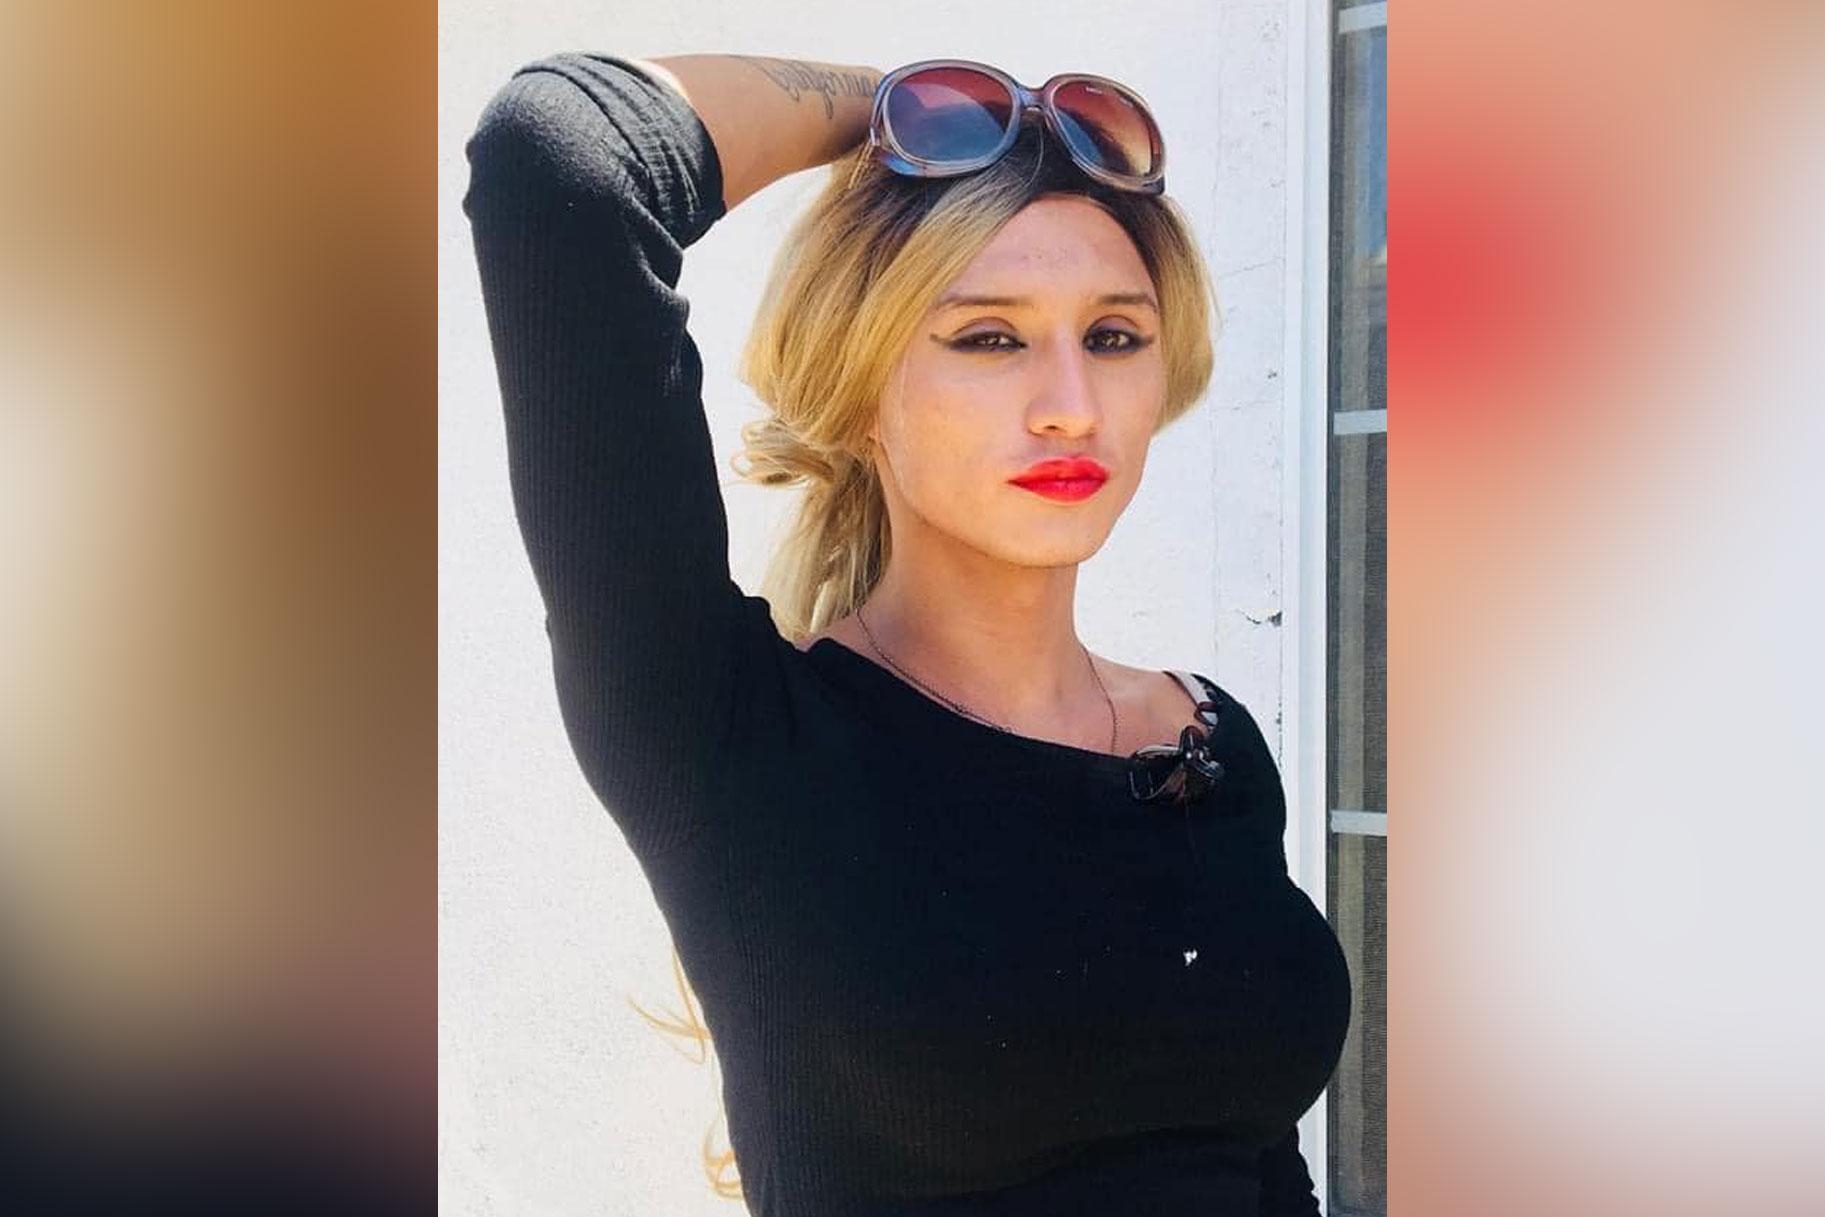 Kobieta trans znaleziona martwa w opuszczonym budynku sprzed ponad miesiąca staje się symbolem walki z niesprawiedliwością